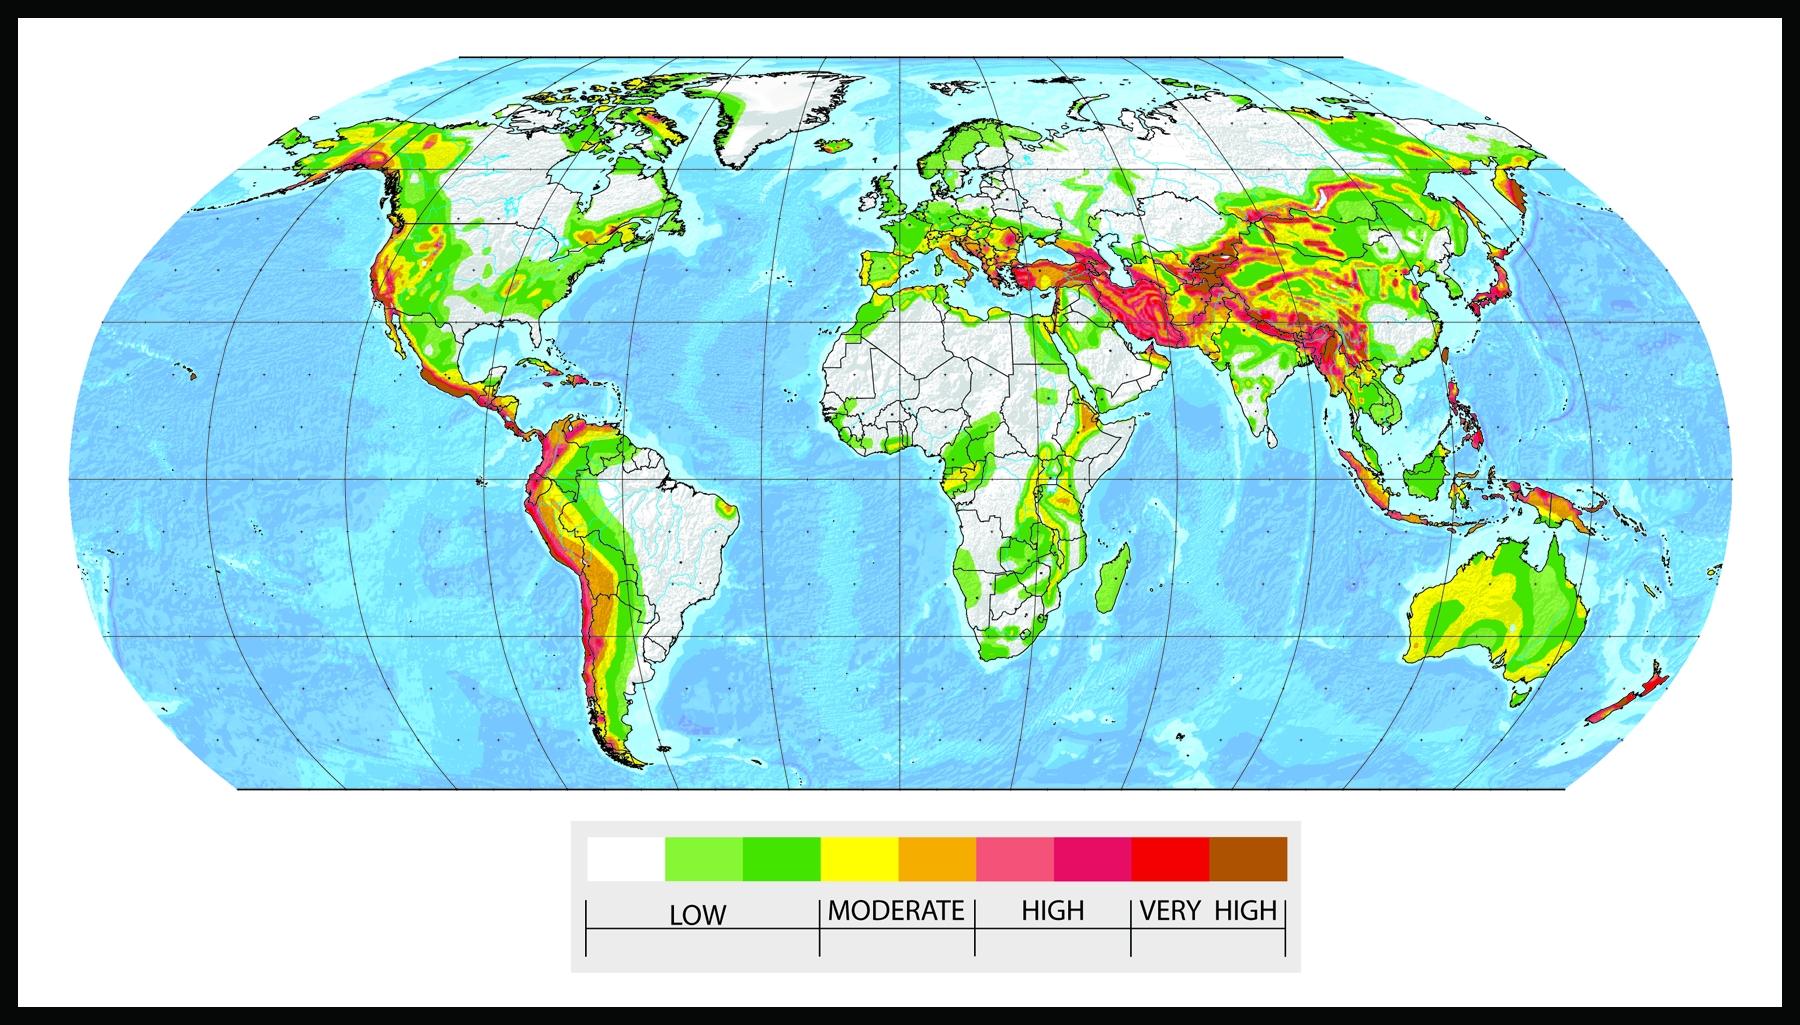 Cartina Mondo Wiki.Mappe Del Mondo Le 22 Cartine Che Spiegano Il Mondo